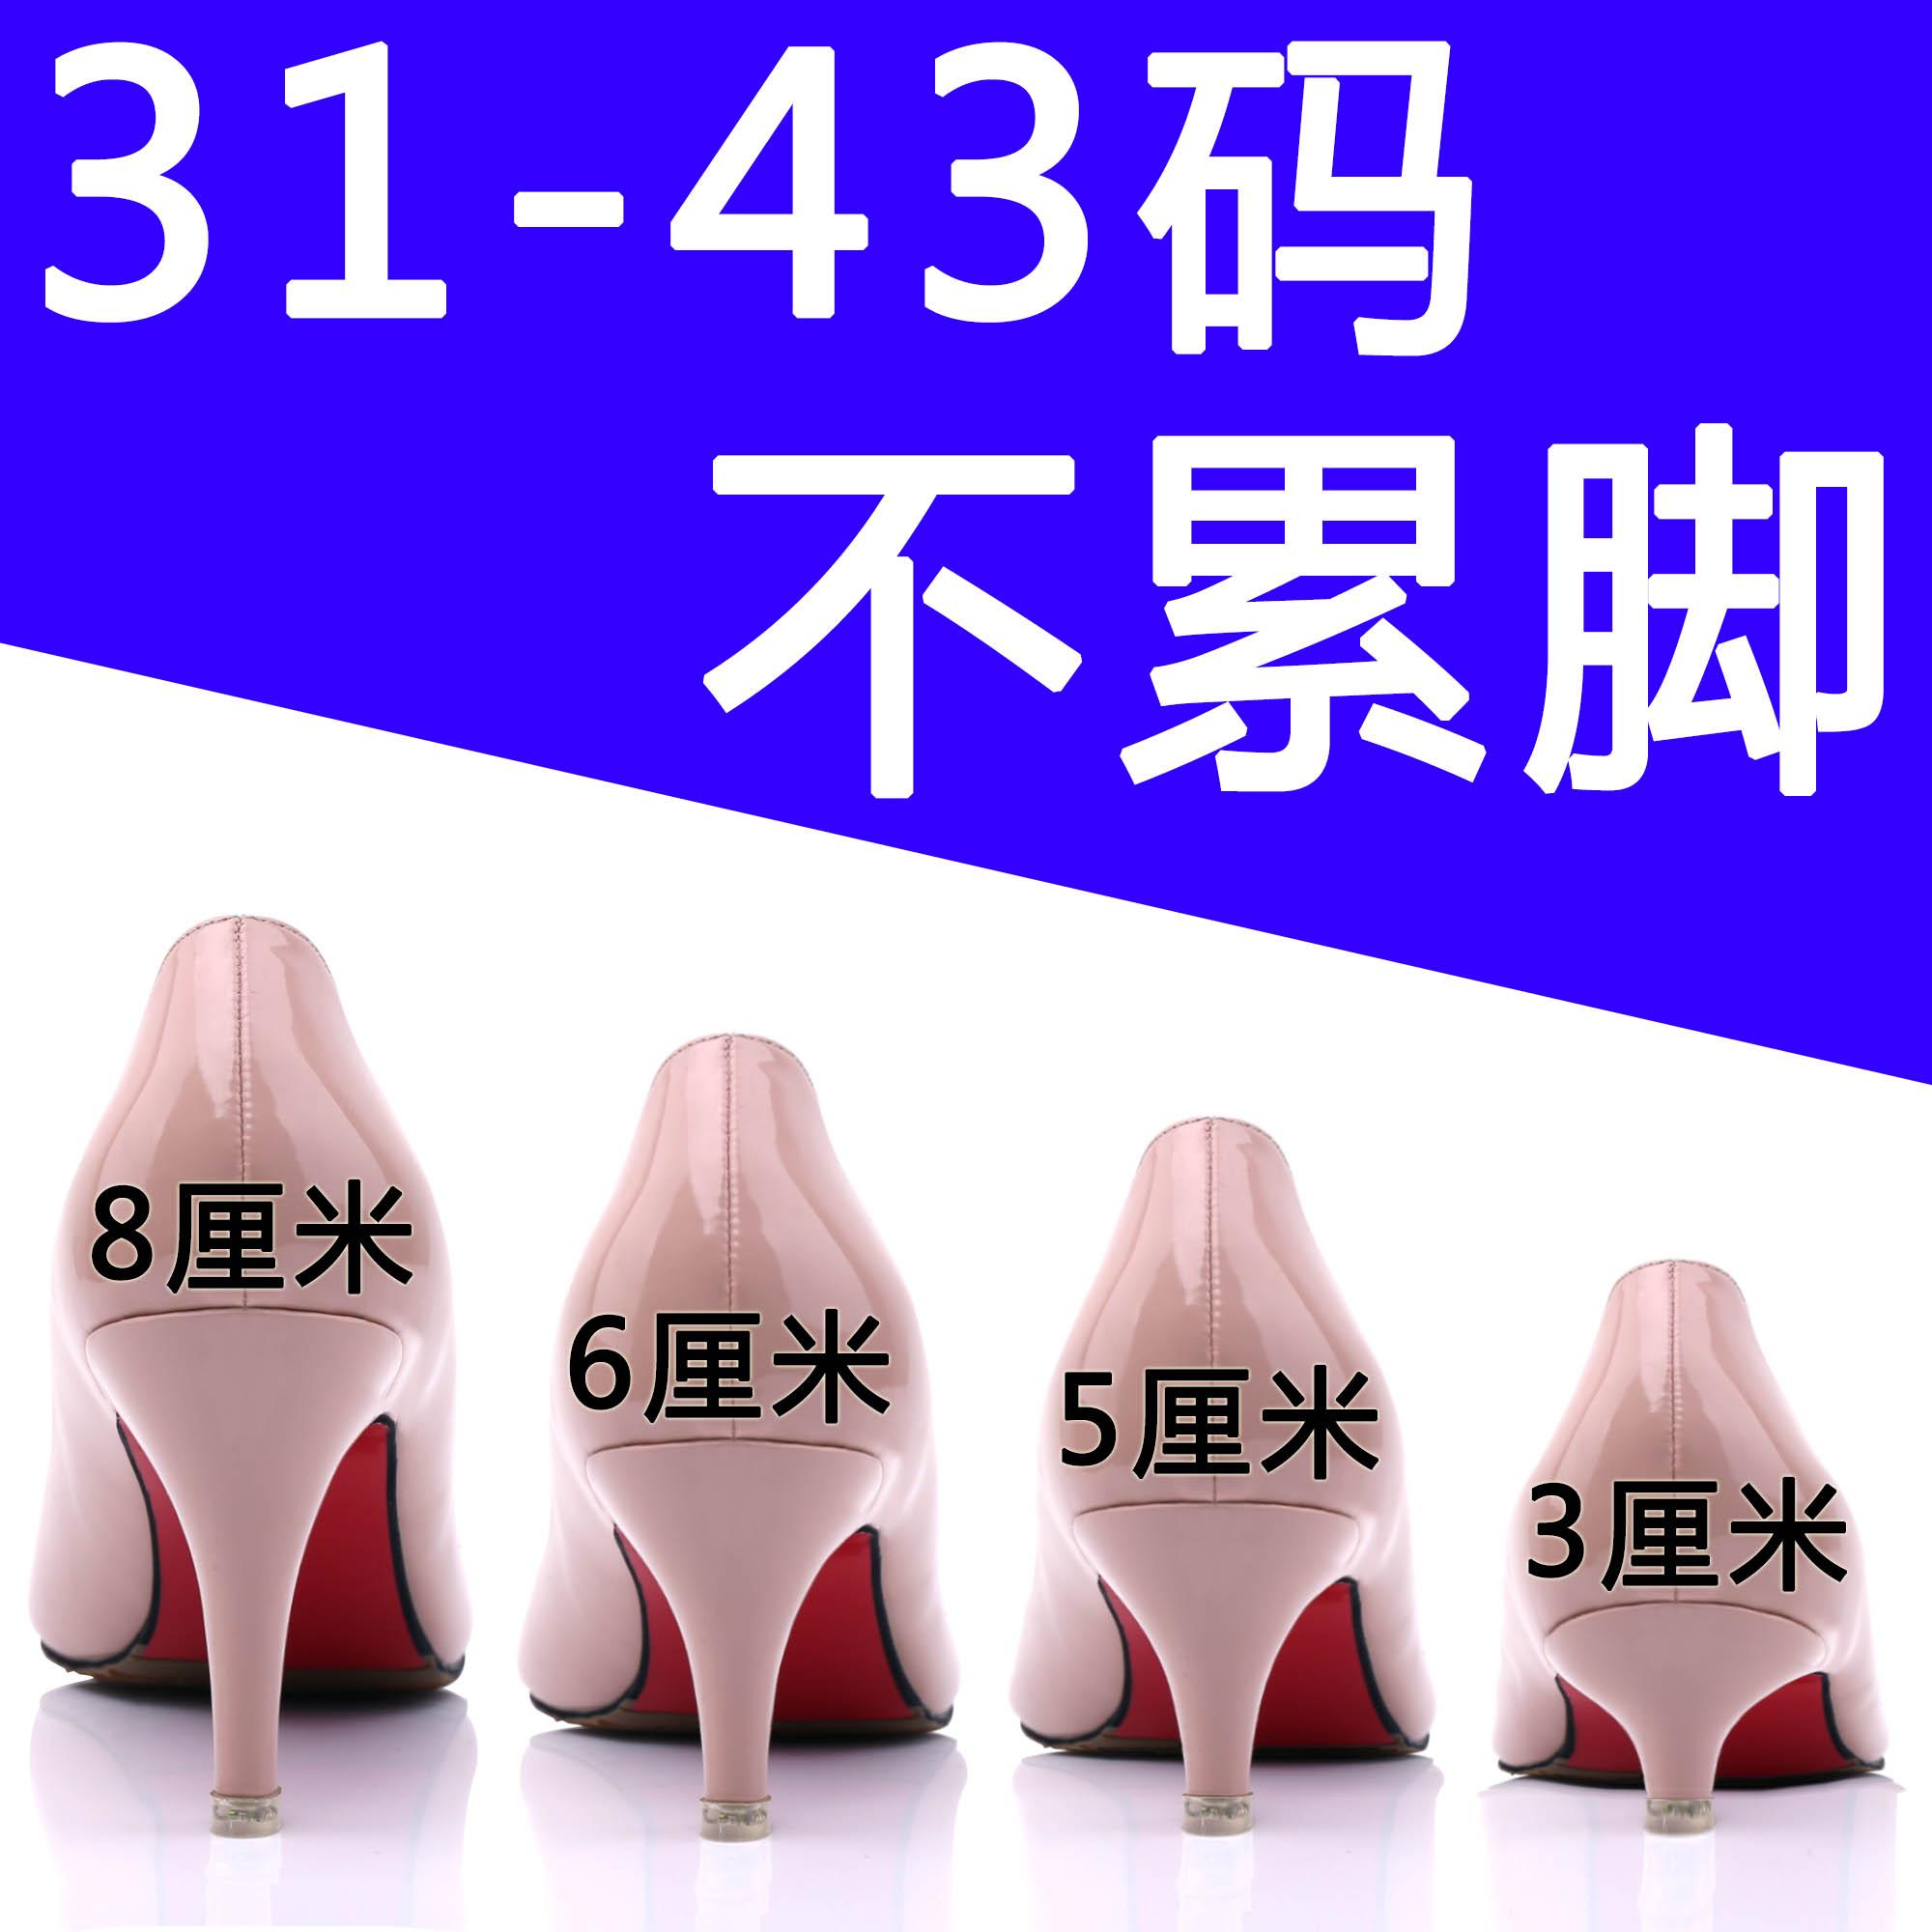 2017新款单鞋大码春秋小码女鞋40中跟41尖头43裸色高跟鞋细跟3cm